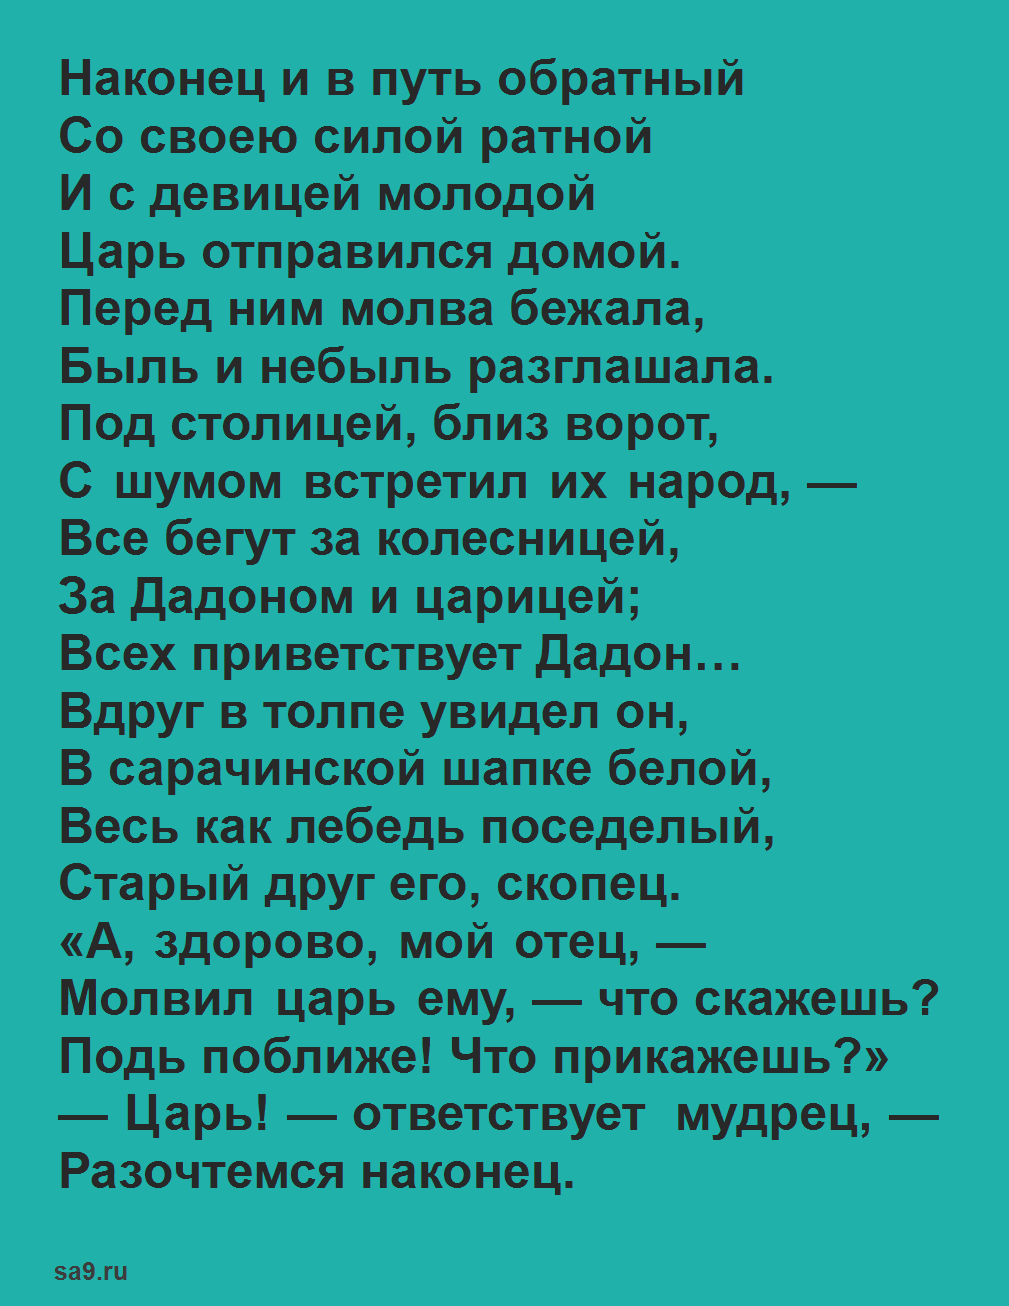 Сказка Александра Сергеевича Пушкина 'О золотом петушке'